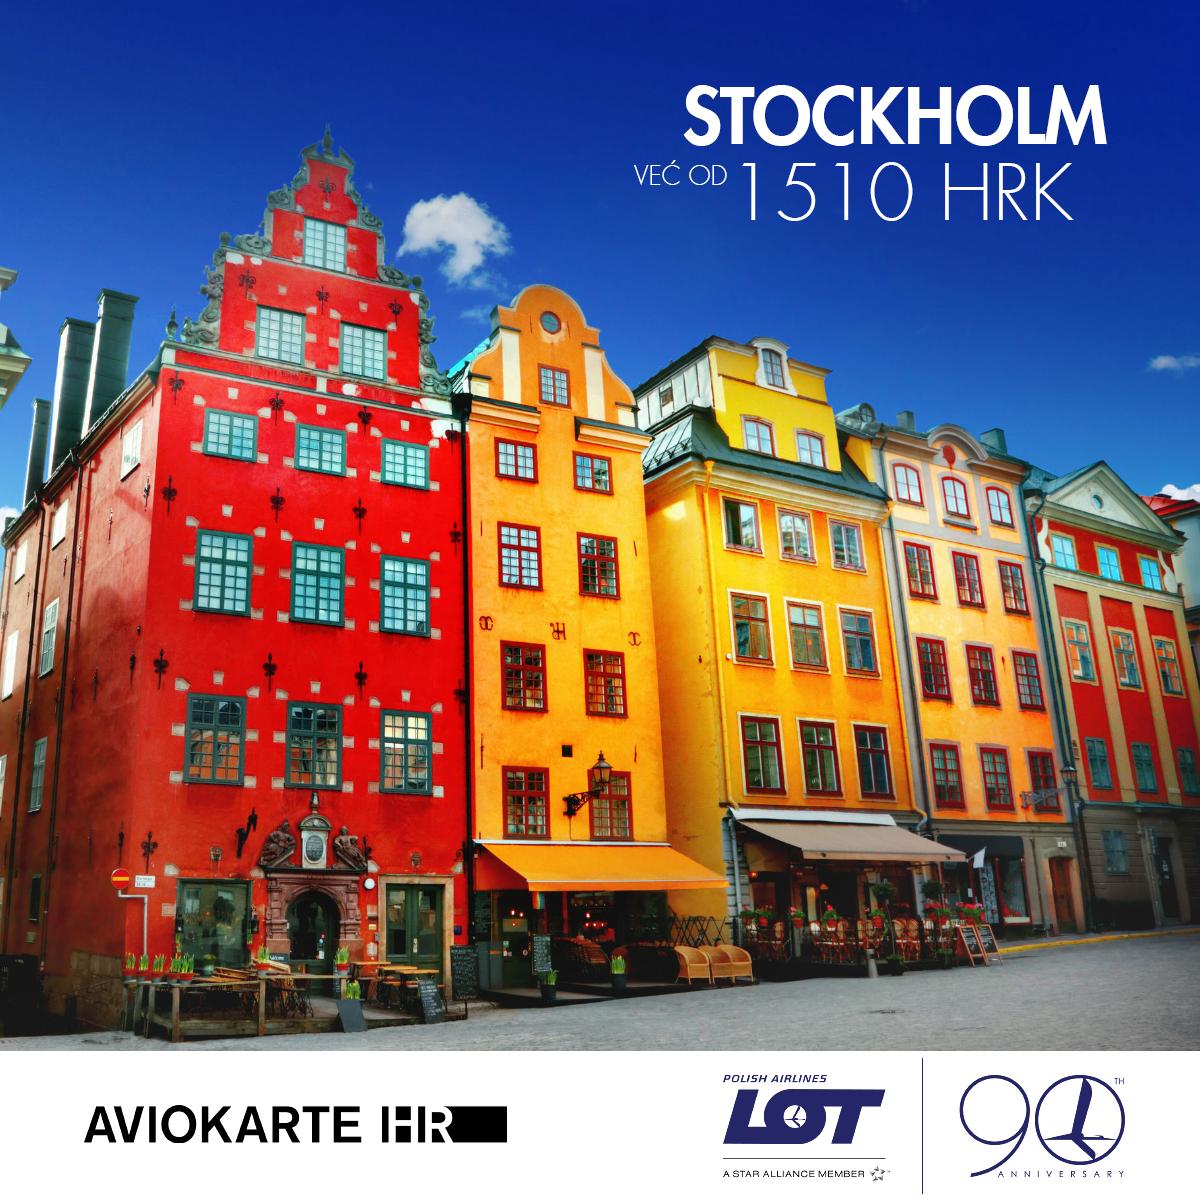 Stockholm vizual, Stockholm već od 1500 kuna, Stockholm jeftine avio karte, putovanje za Stockholm